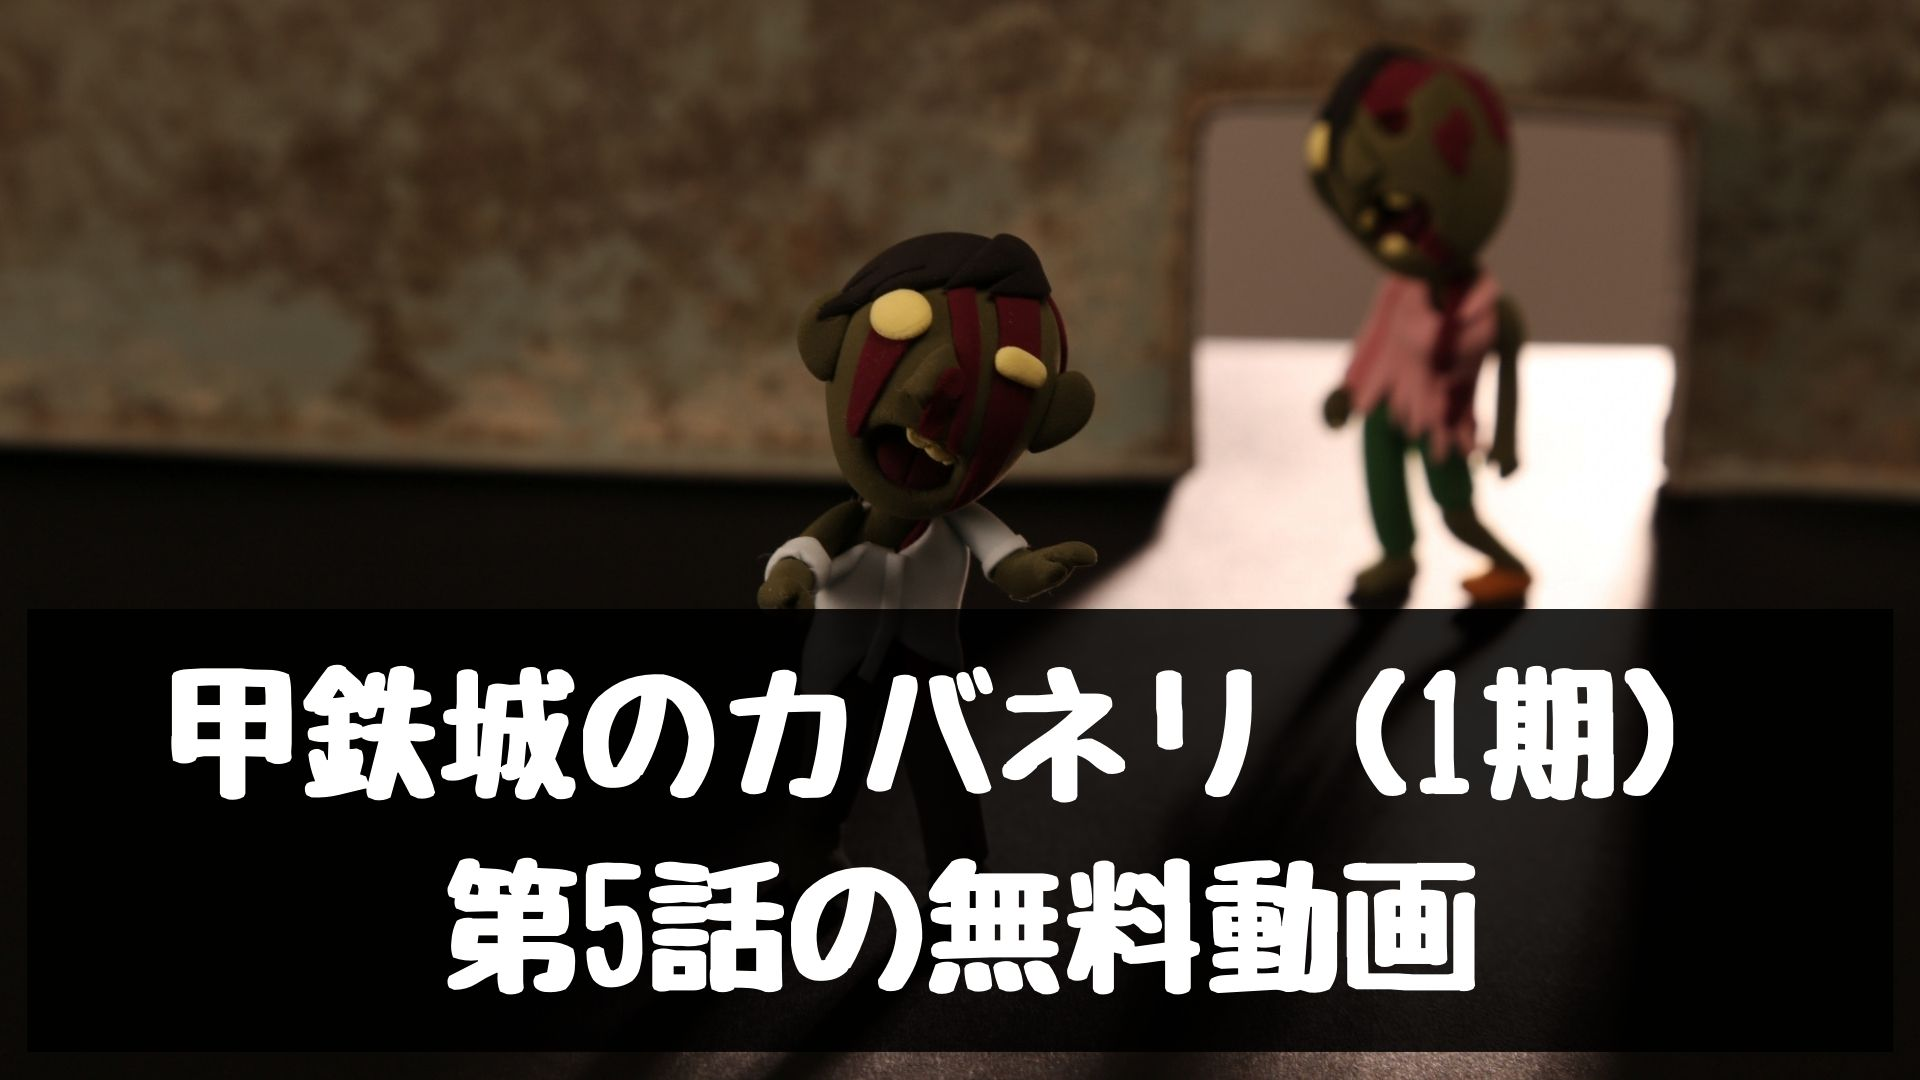 甲鉄城のカバネリ(1期) 第5話の無料動画